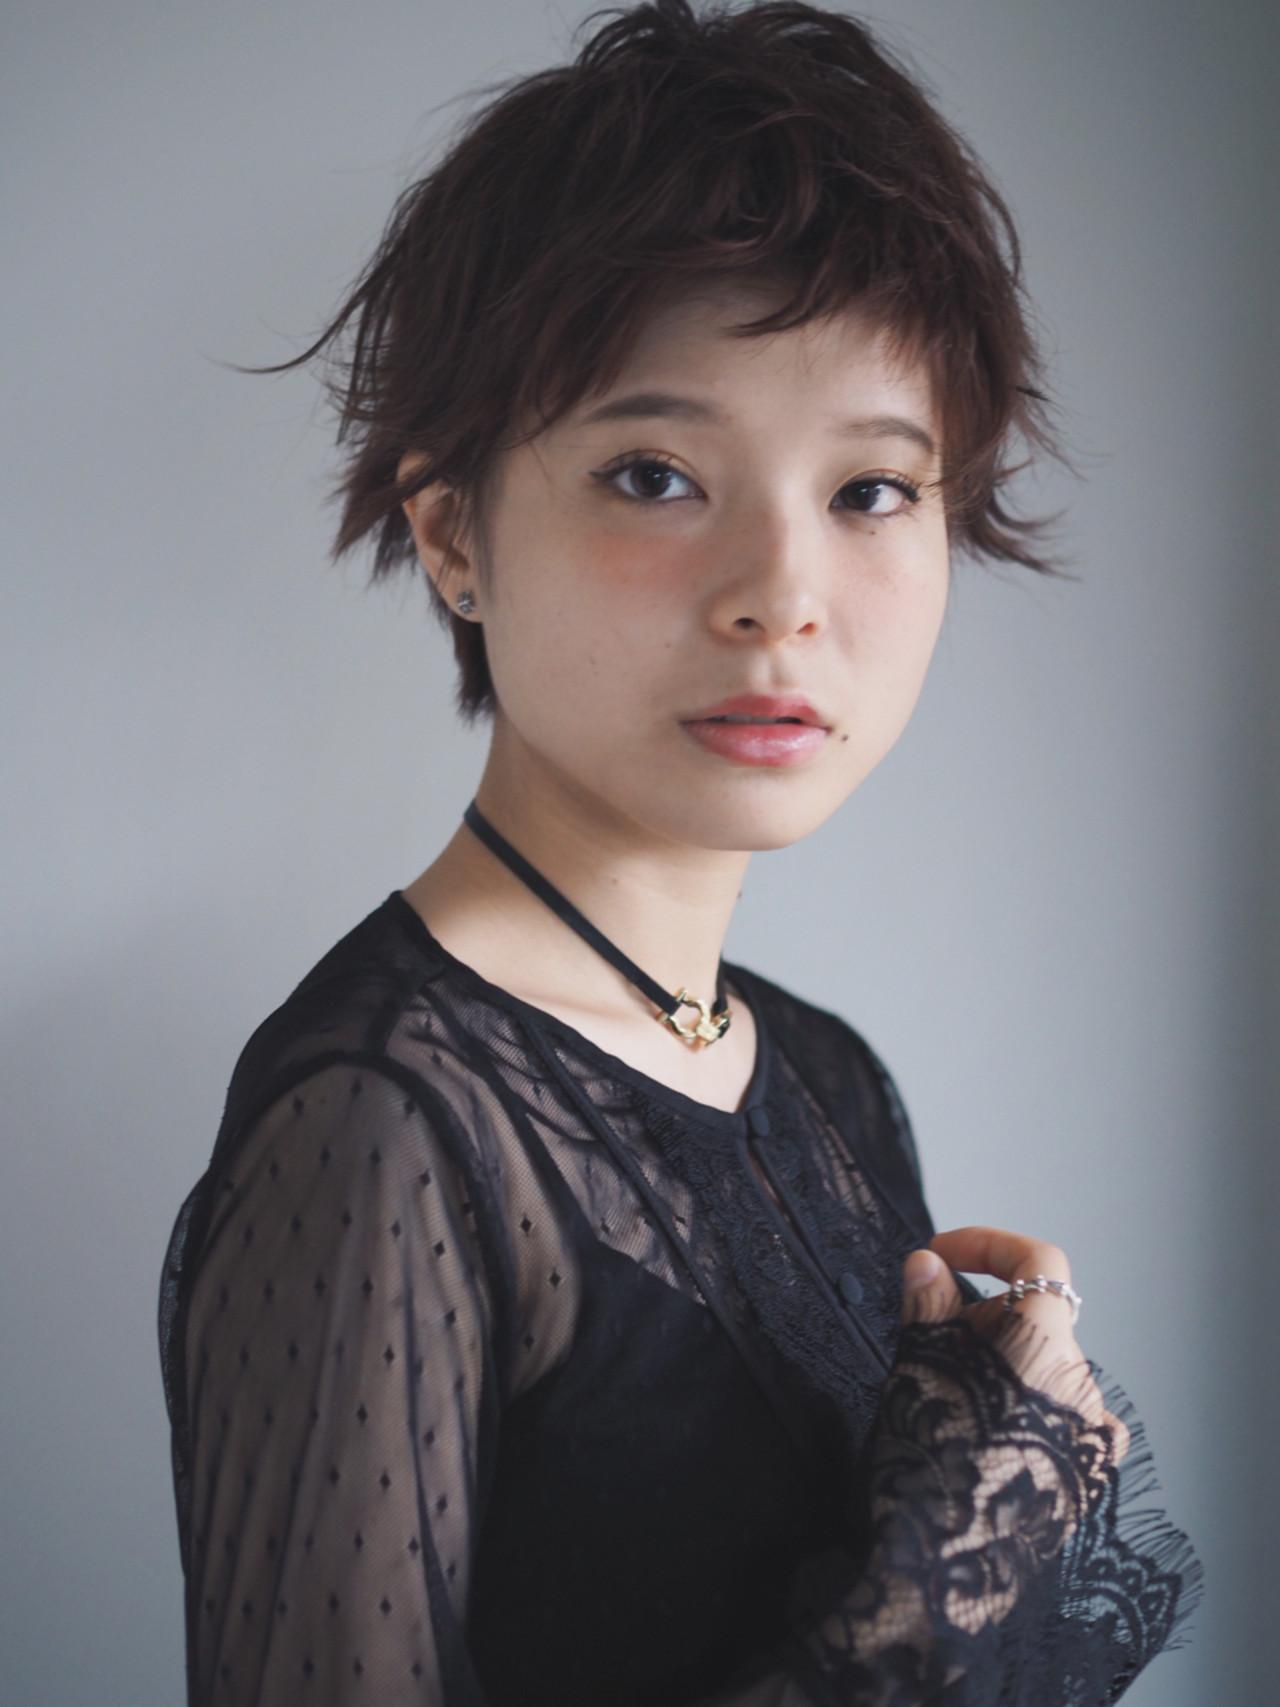 前髪あり ウルフカット フリンジバング マッシュ ヘアスタイルや髪型の写真・画像 | Natsuko Kodama 児玉奈都子 / dydi